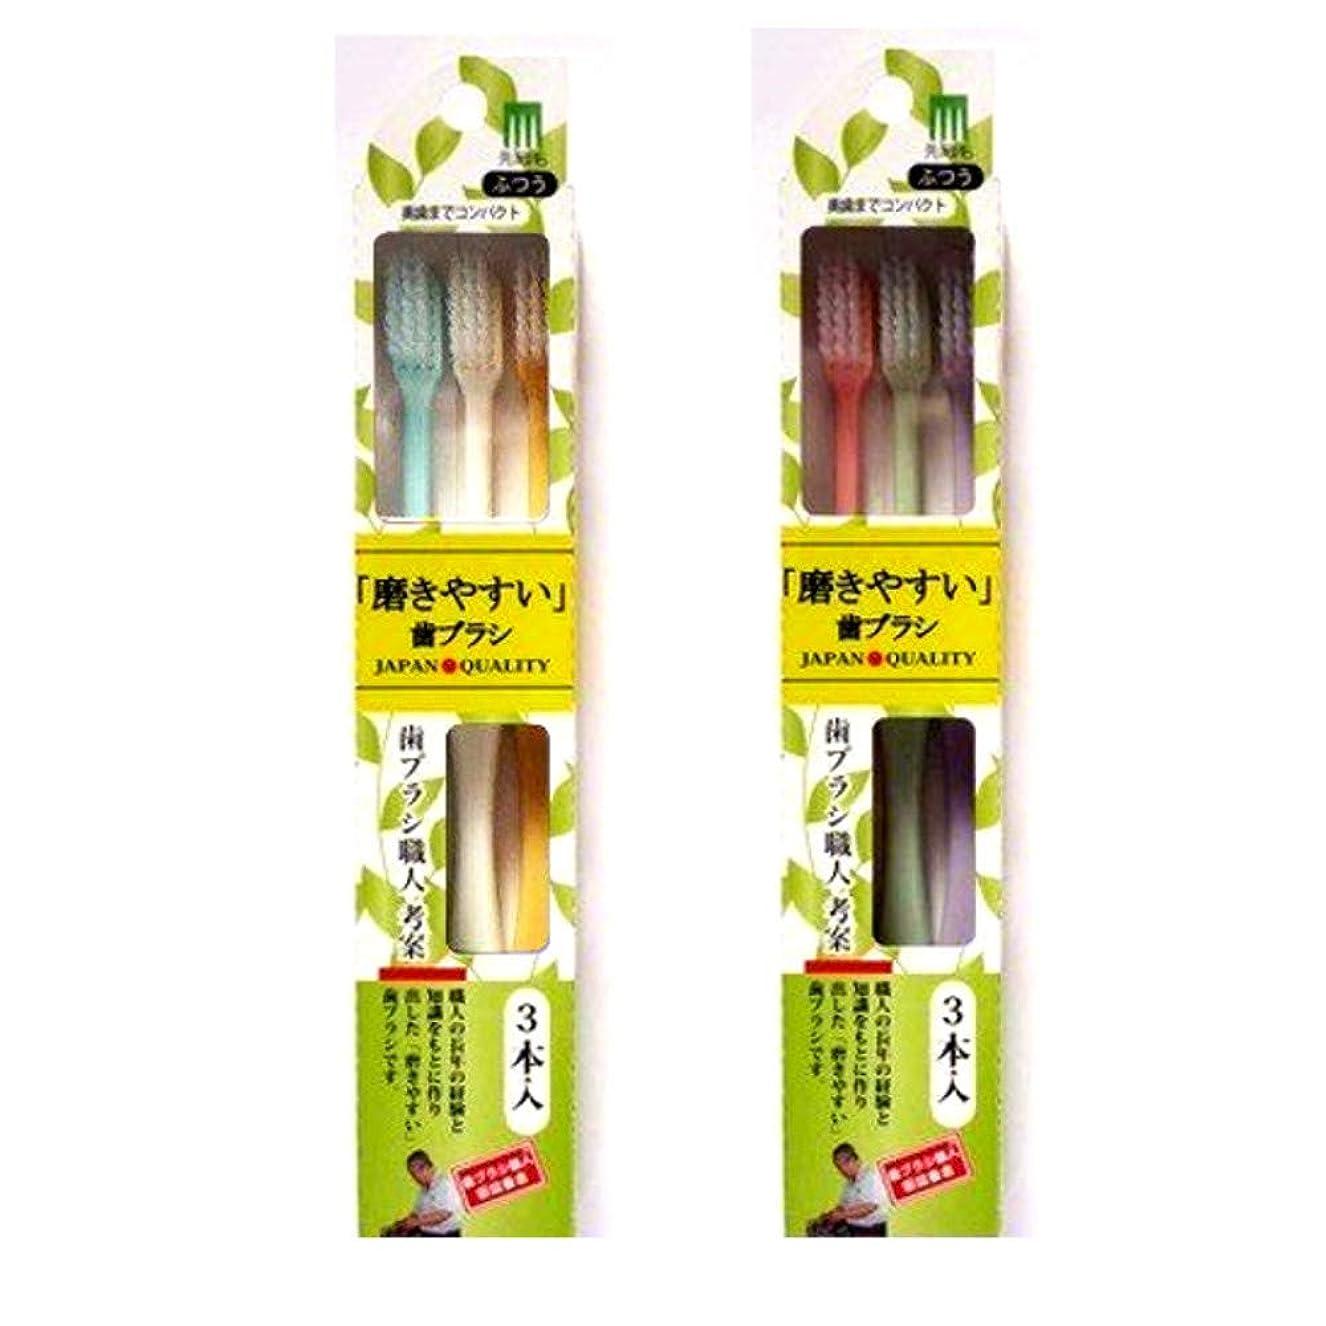 草たるみ汚染磨きやすい歯ブラシ (先細毛) 奥までコンパクト3本組 ELT-1 (色選択不可)